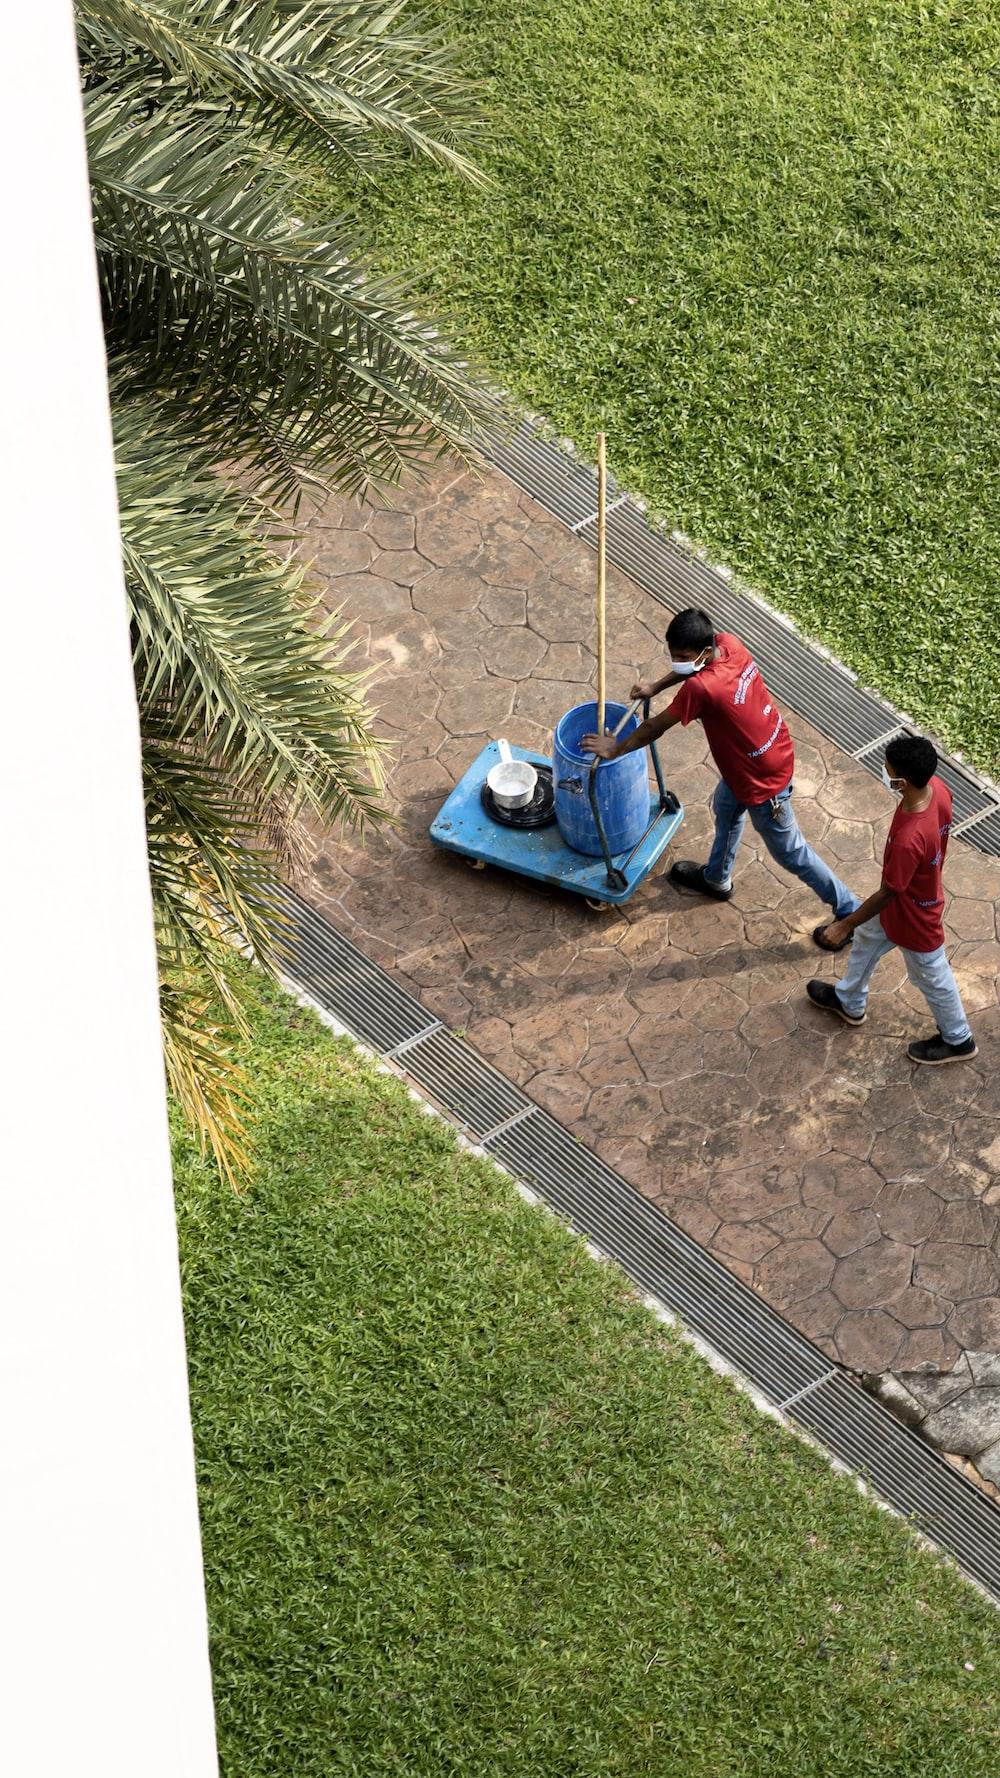 2 boys playing on blue car